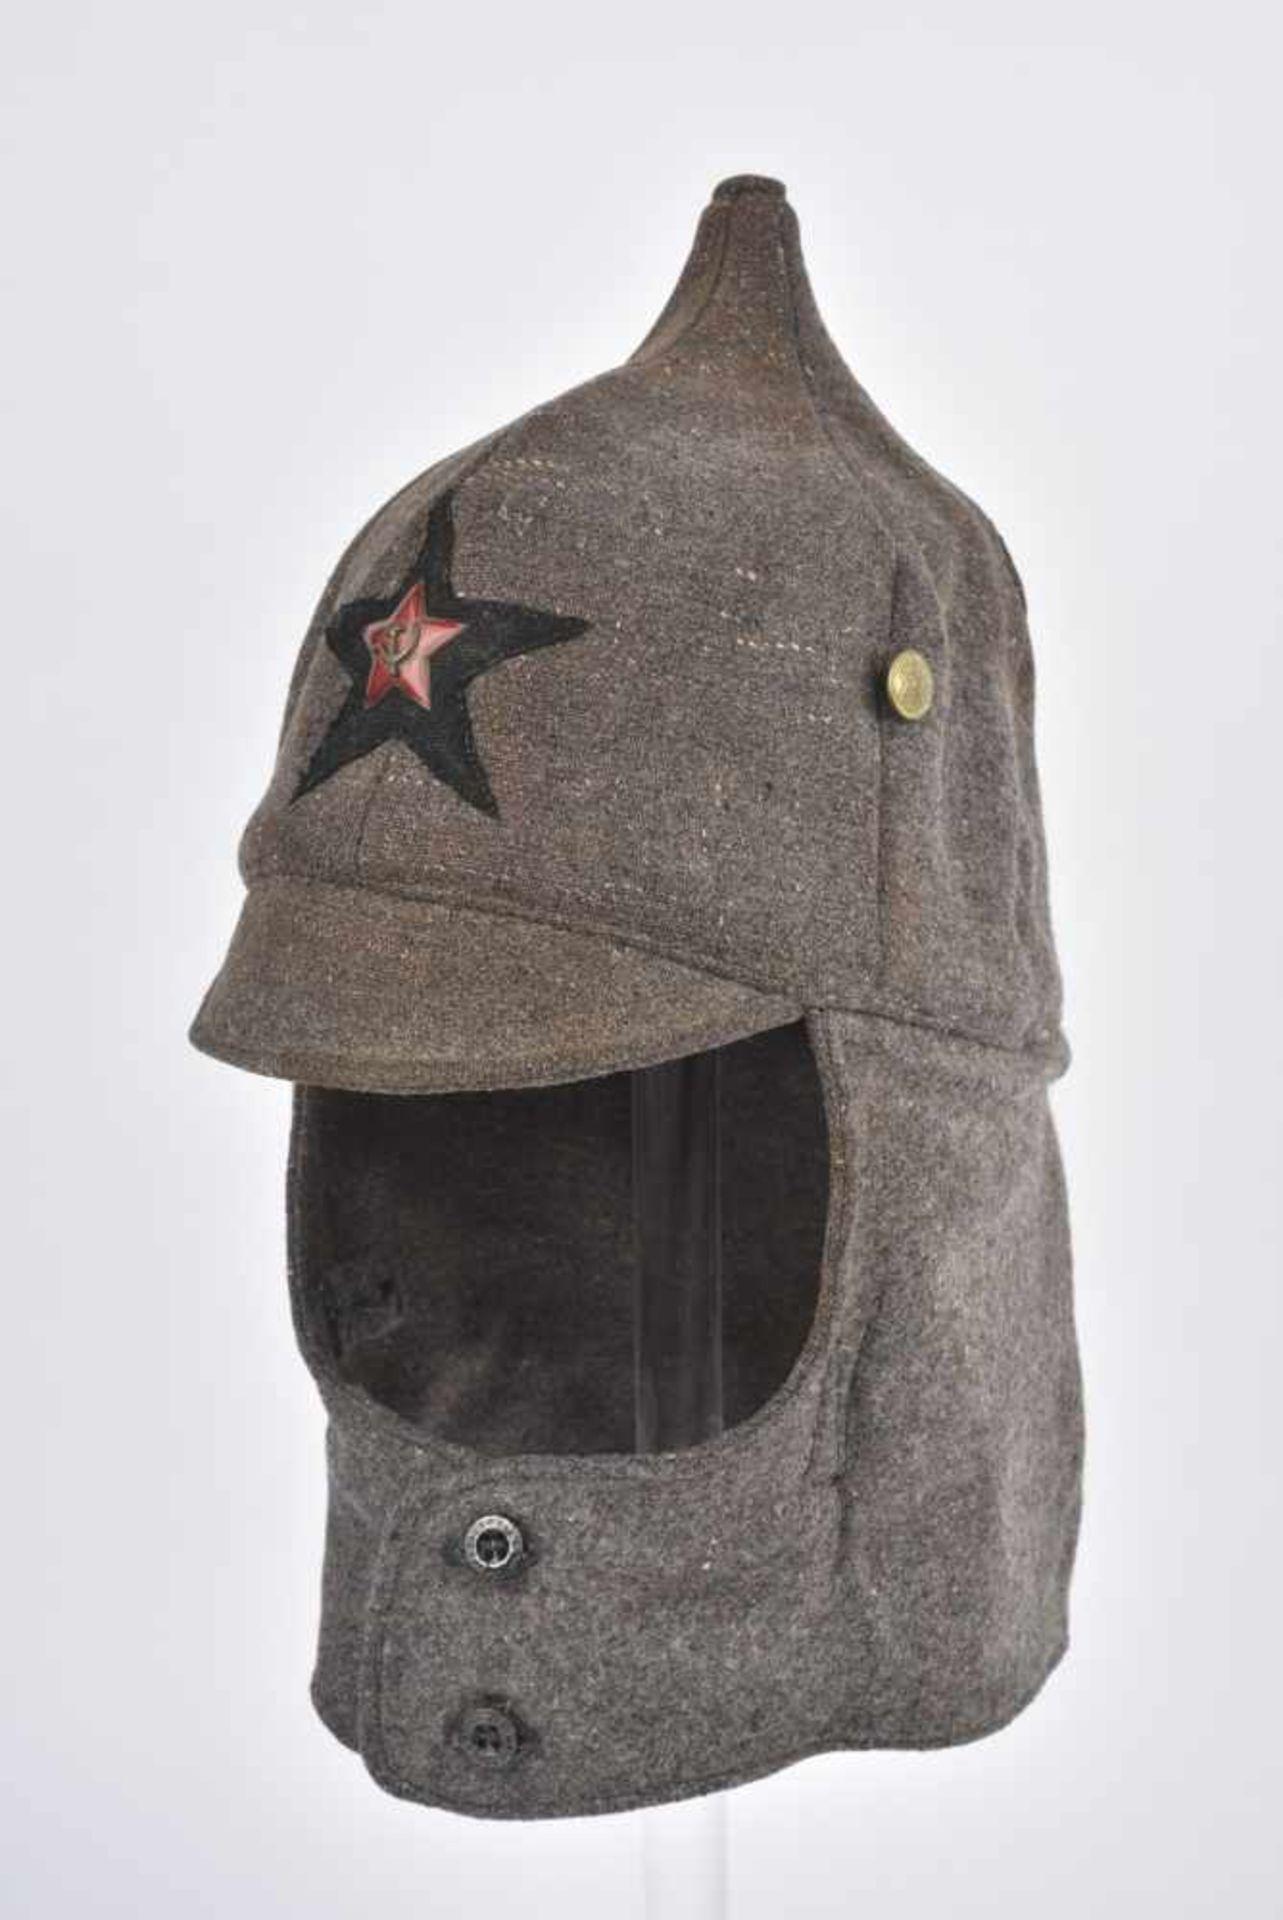 Budyonovka, M.27 pour l'artillerie ou les troupes blindées Complète avec étoile en tissu noire, - Bild 3 aus 4